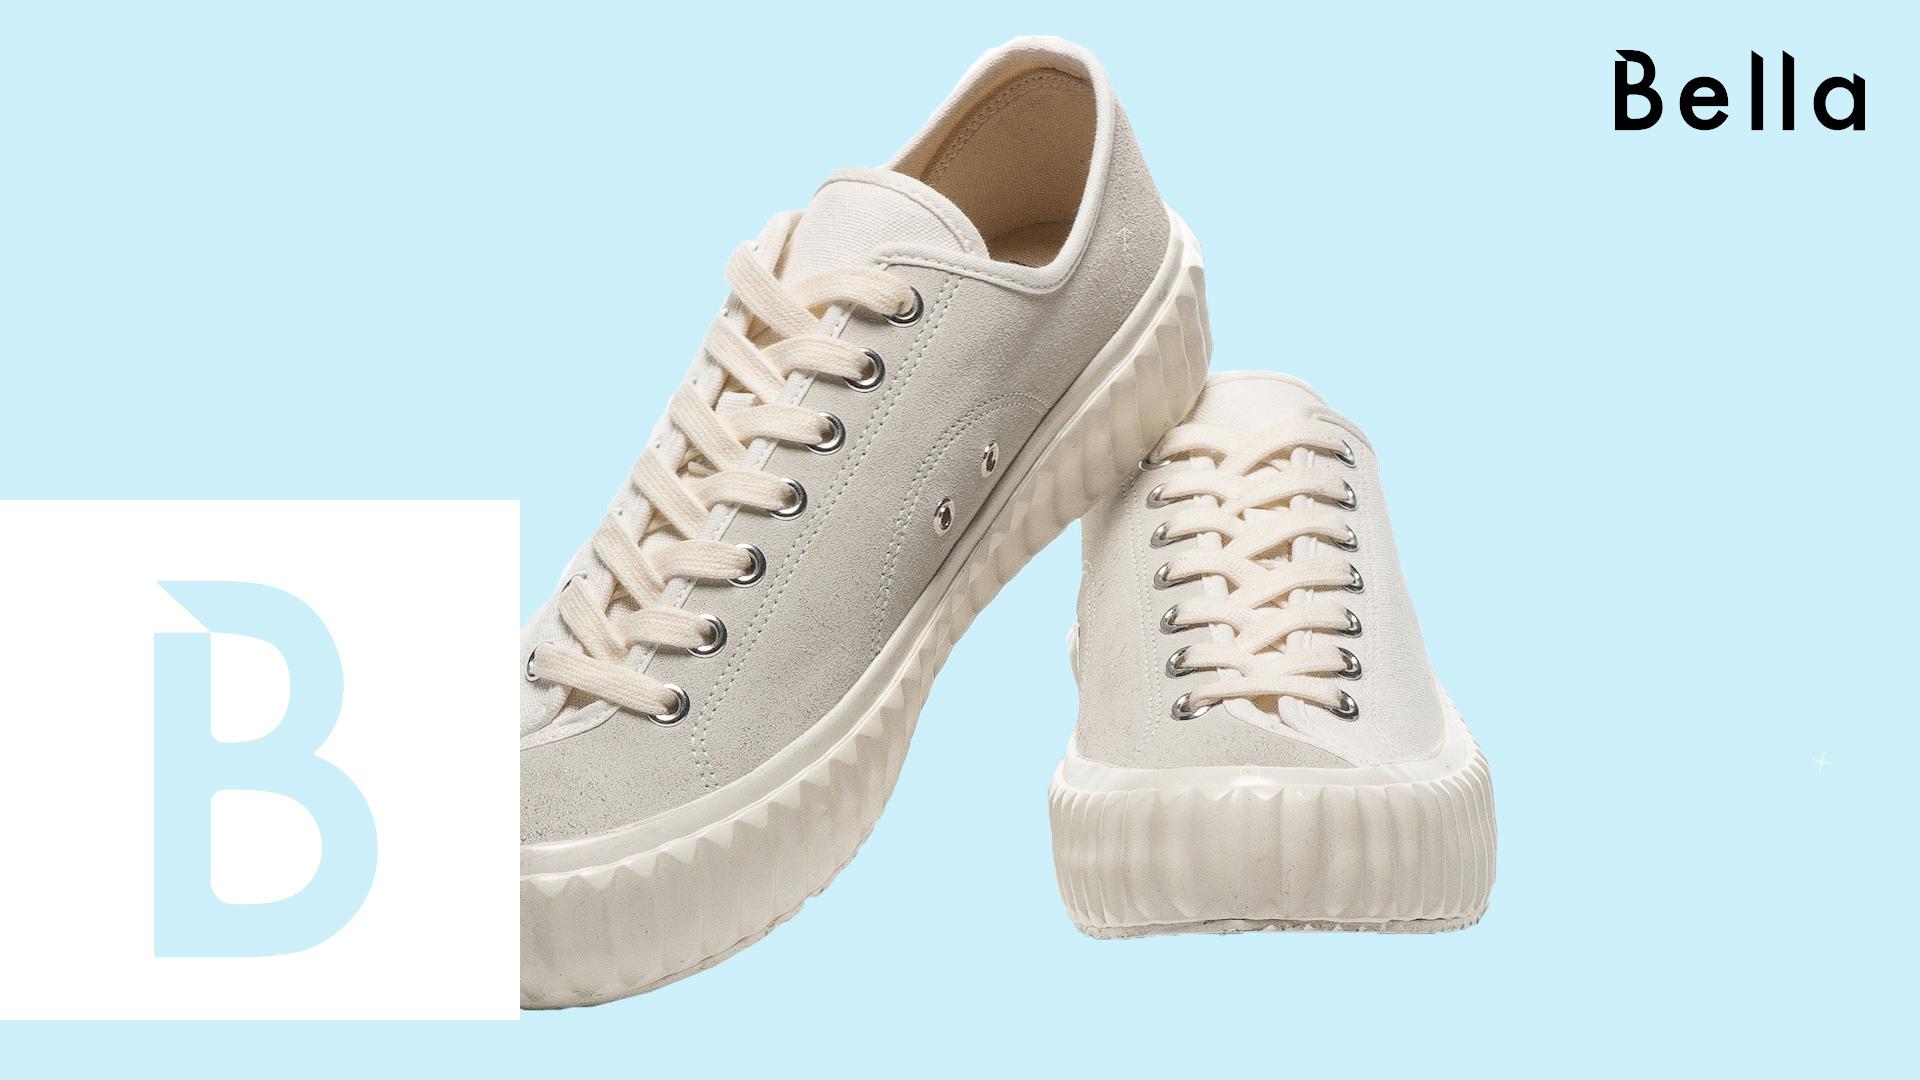 高顏值帆布鞋EXCELSIOR,讓你在聖誕節潮一波